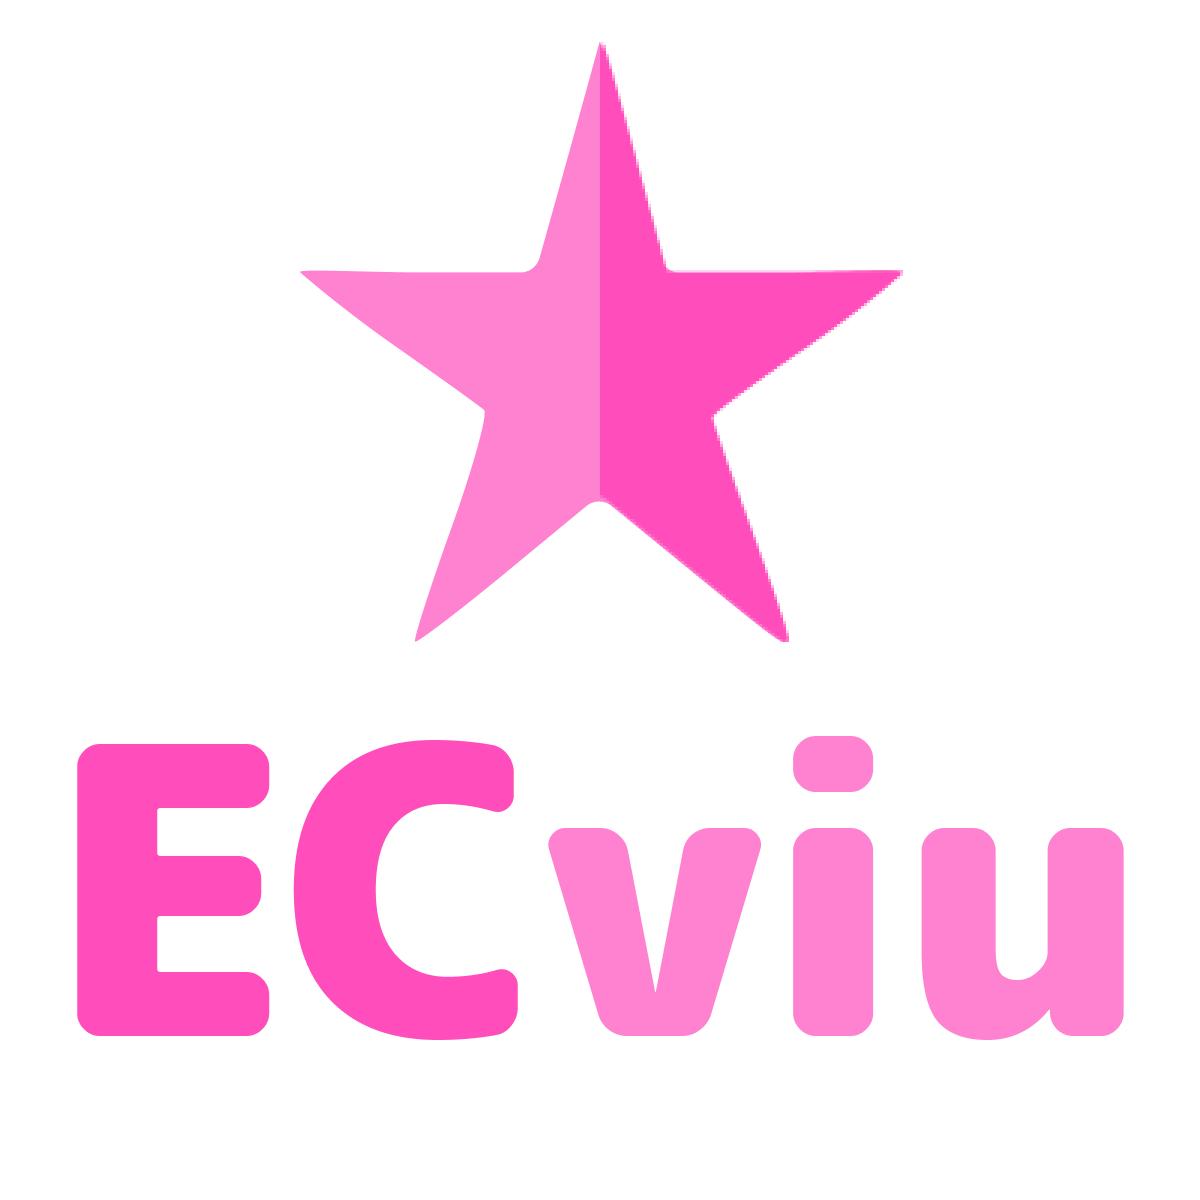 ECviu 電商評價網站 - 買網拍前必看人氣推薦